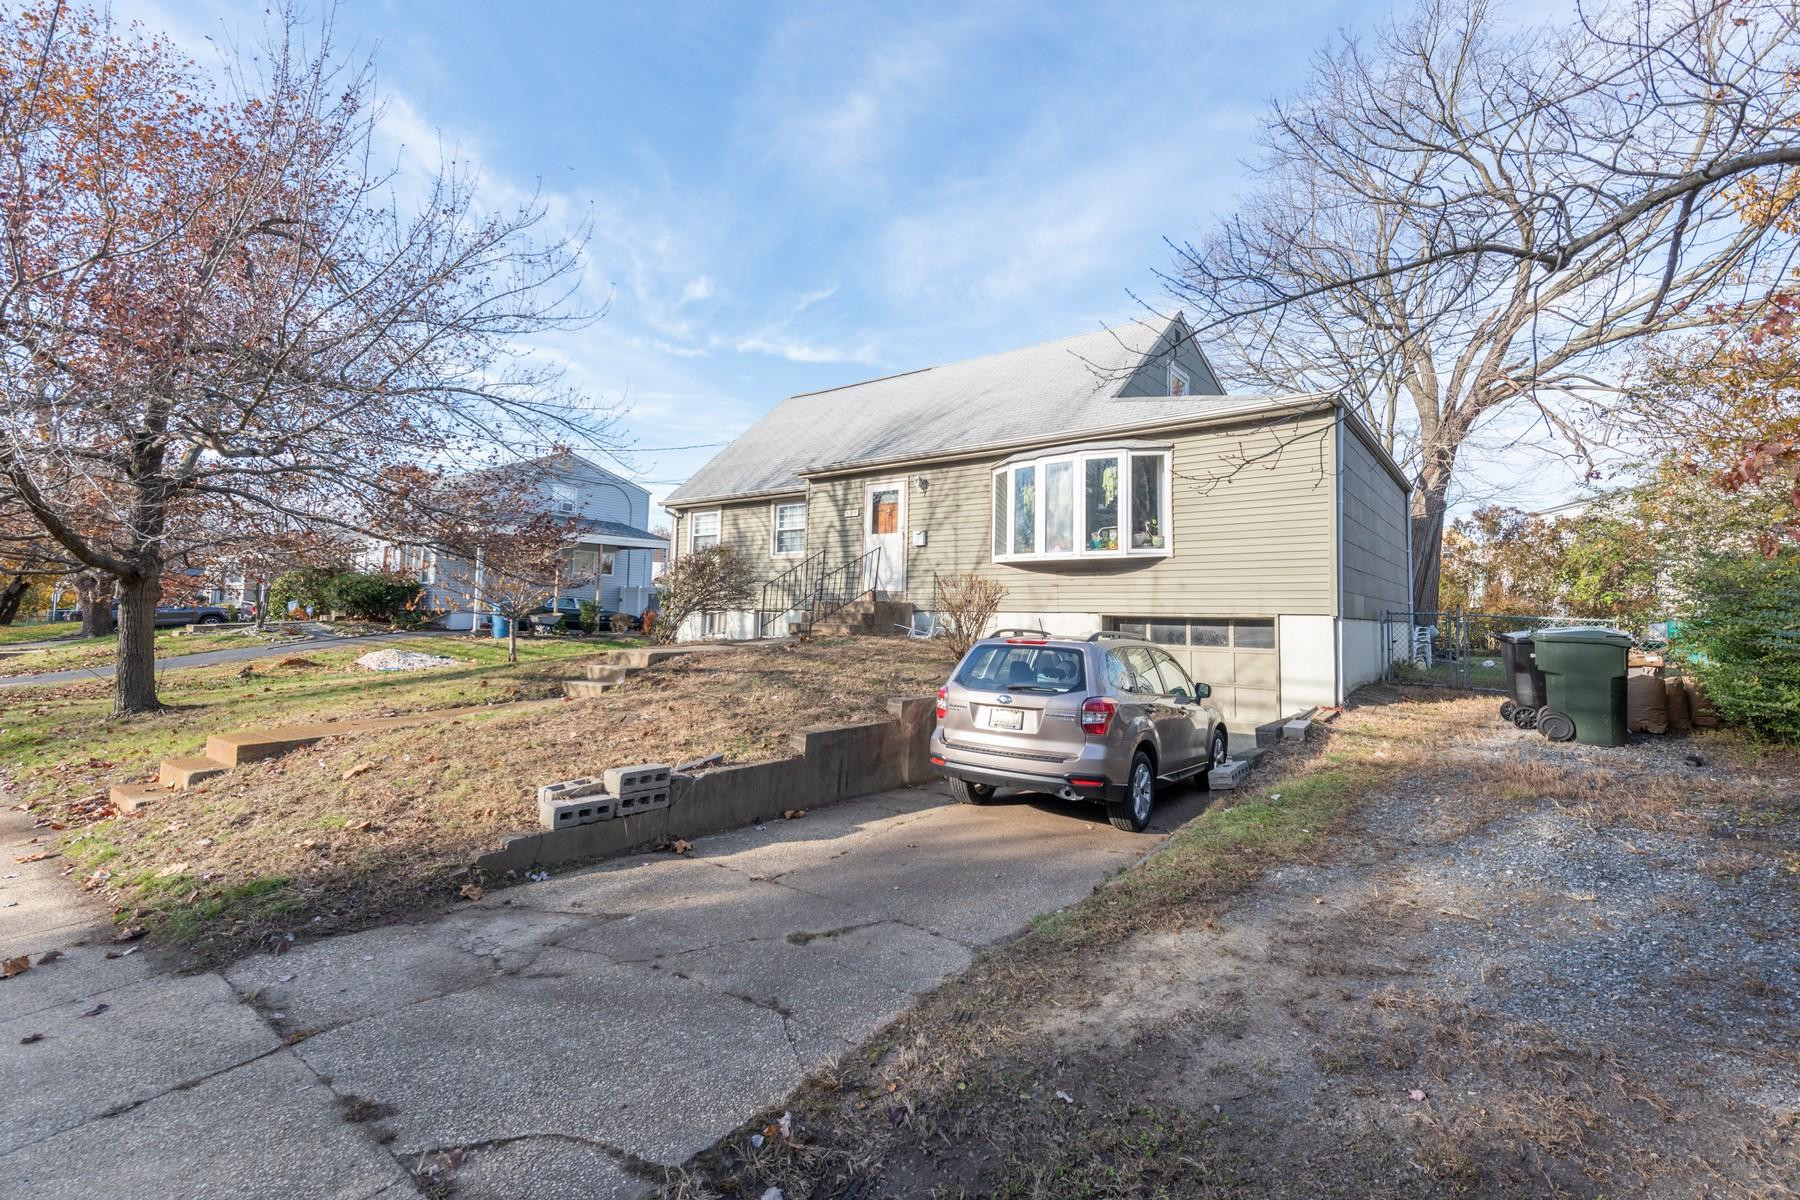 Single Family Homes pour l Vente à 329 Middle Rd, Hazlet 329 Middle Road, Hazlet, New Jersey 07730 États-Unis